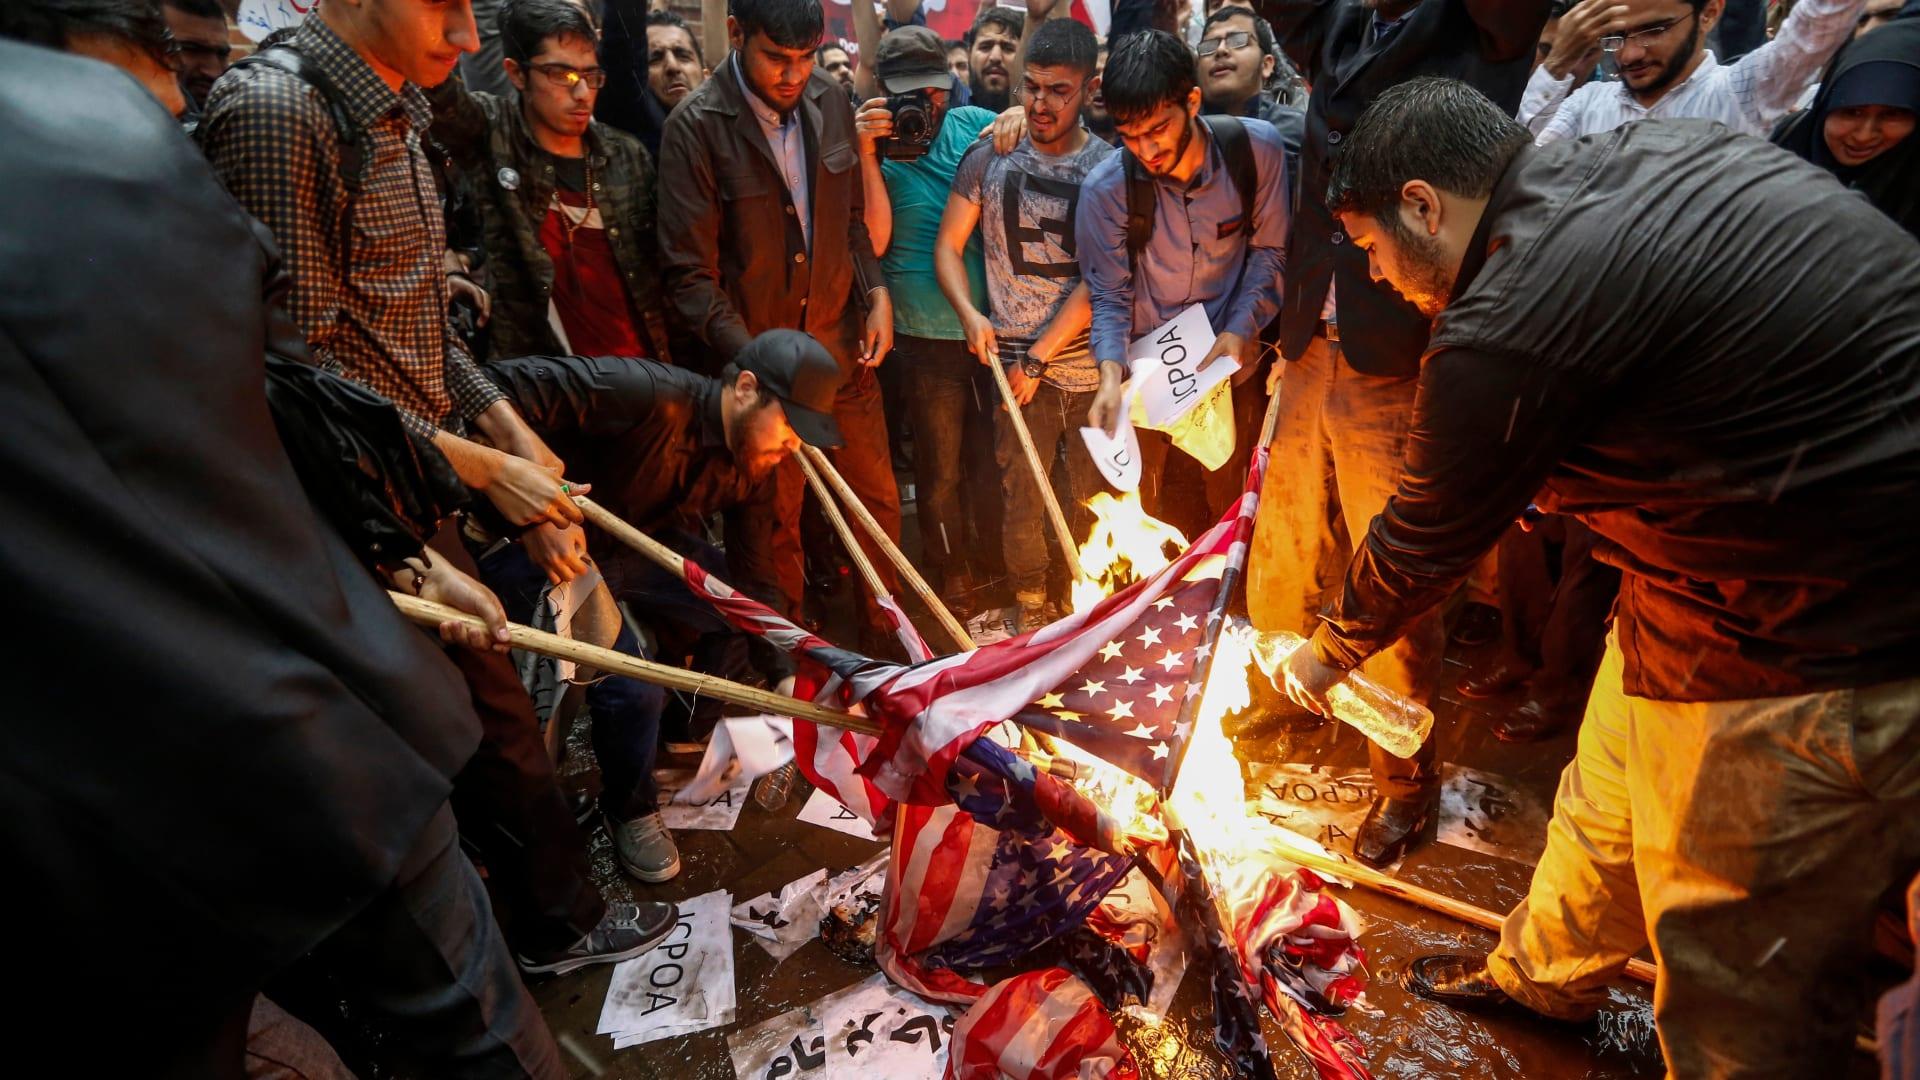 1.1 مليار دولار غرامات على بنك انتهك العقوبات على دول بينها إيران وسوريا